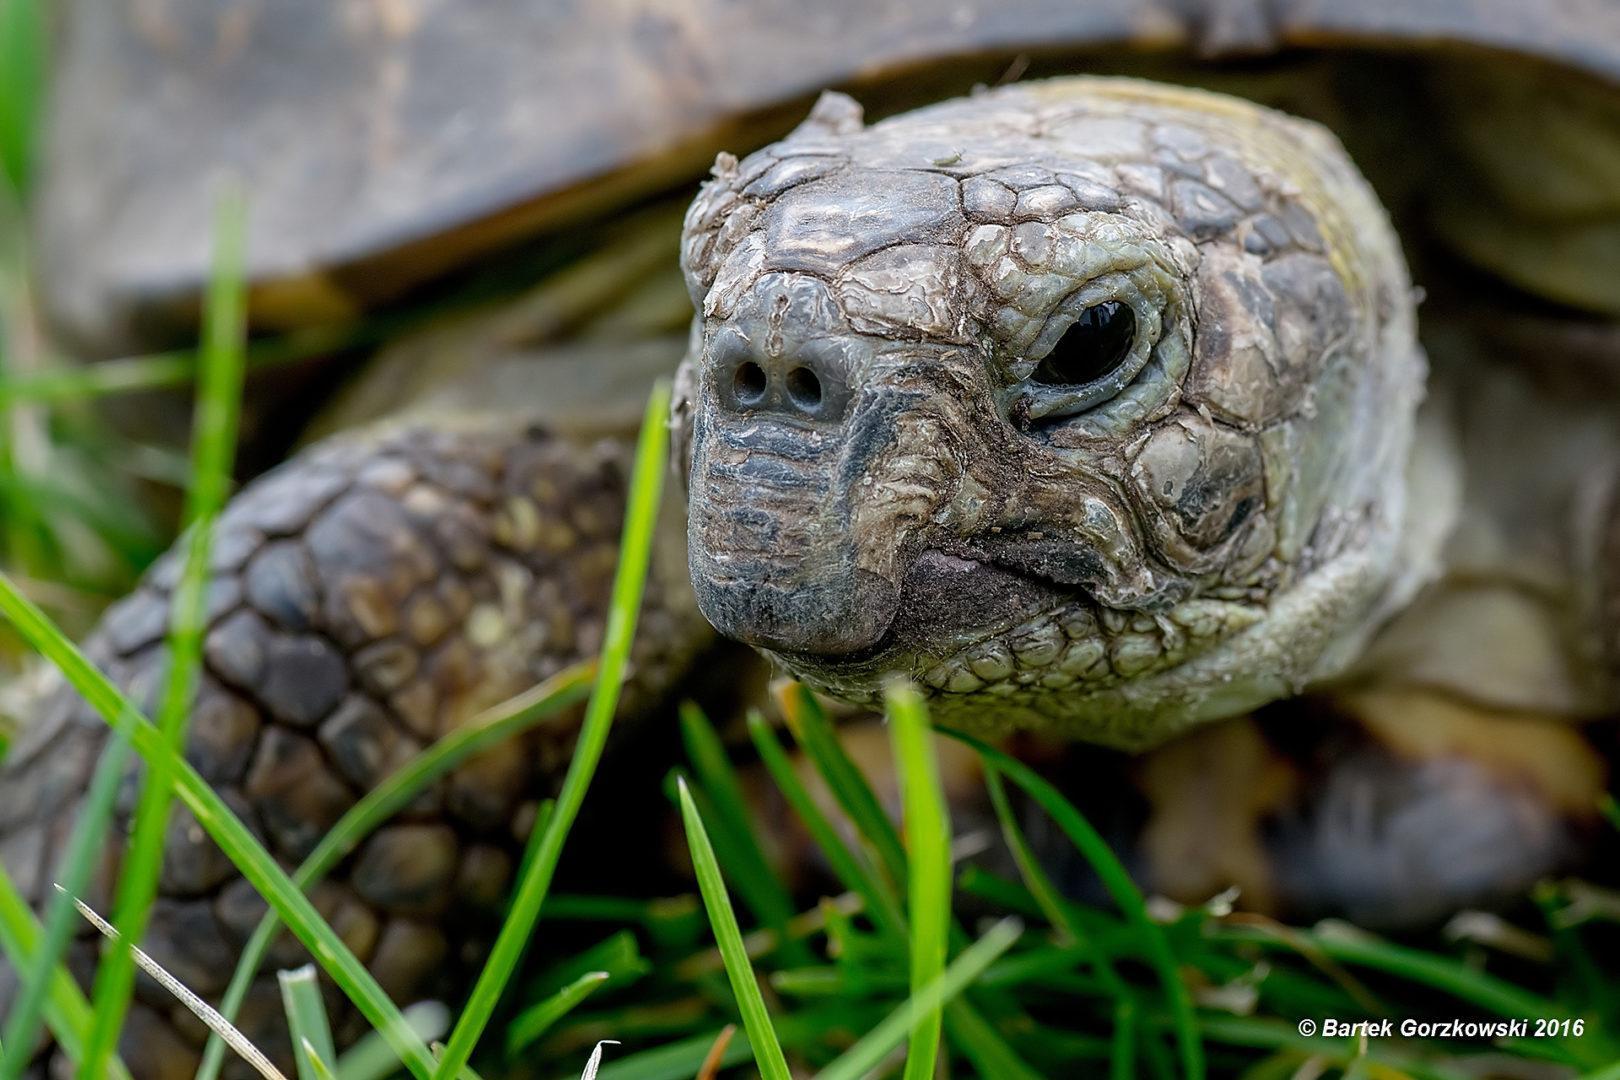 Żółw stepowy (Testudo horsfieldii)